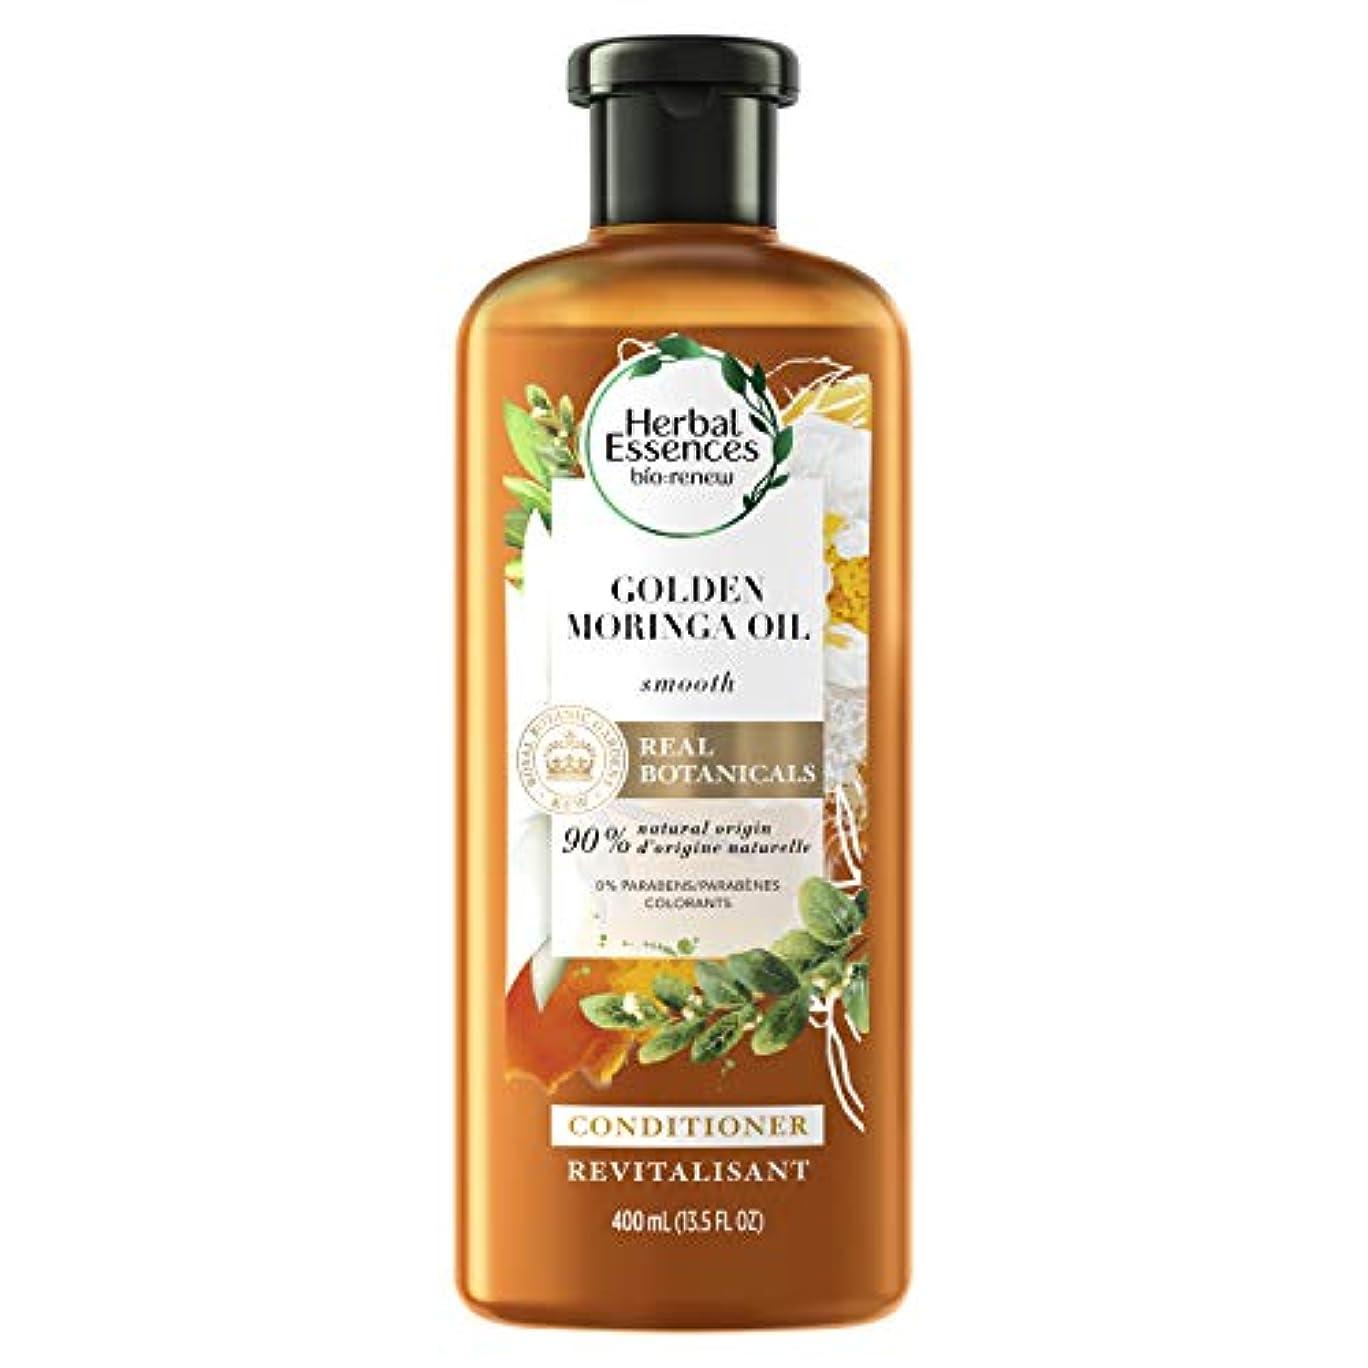 Herbal Essences バイオ:滑らかなコンディショナー、ゴールデンモリンガオイル13.5オズリニュー